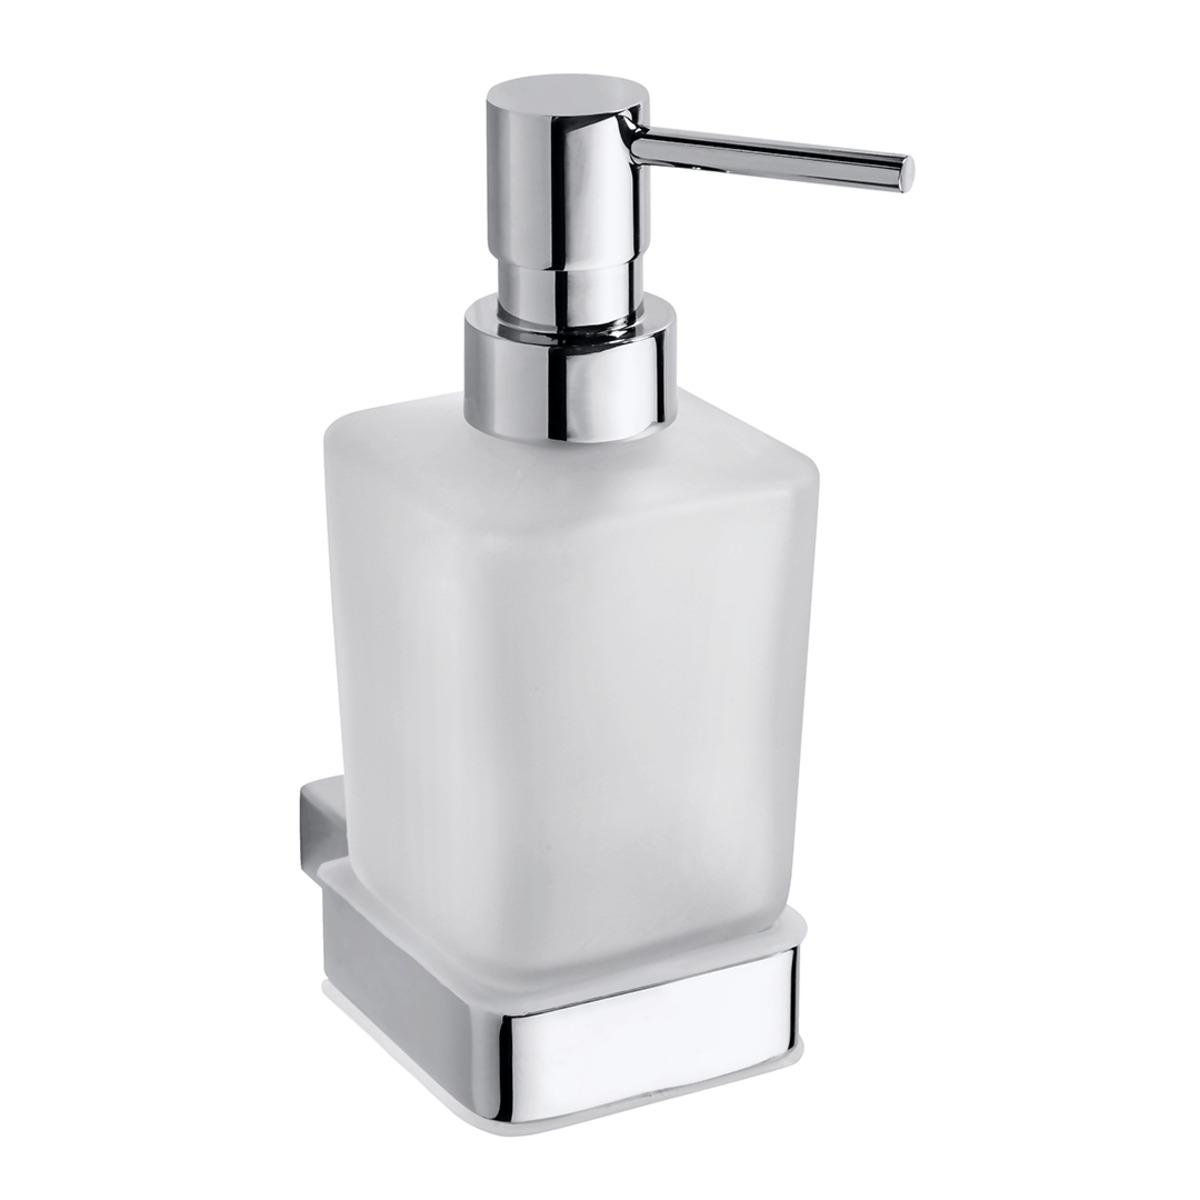 Dávkovač mýdla Bemeta VIA chrom 135009042